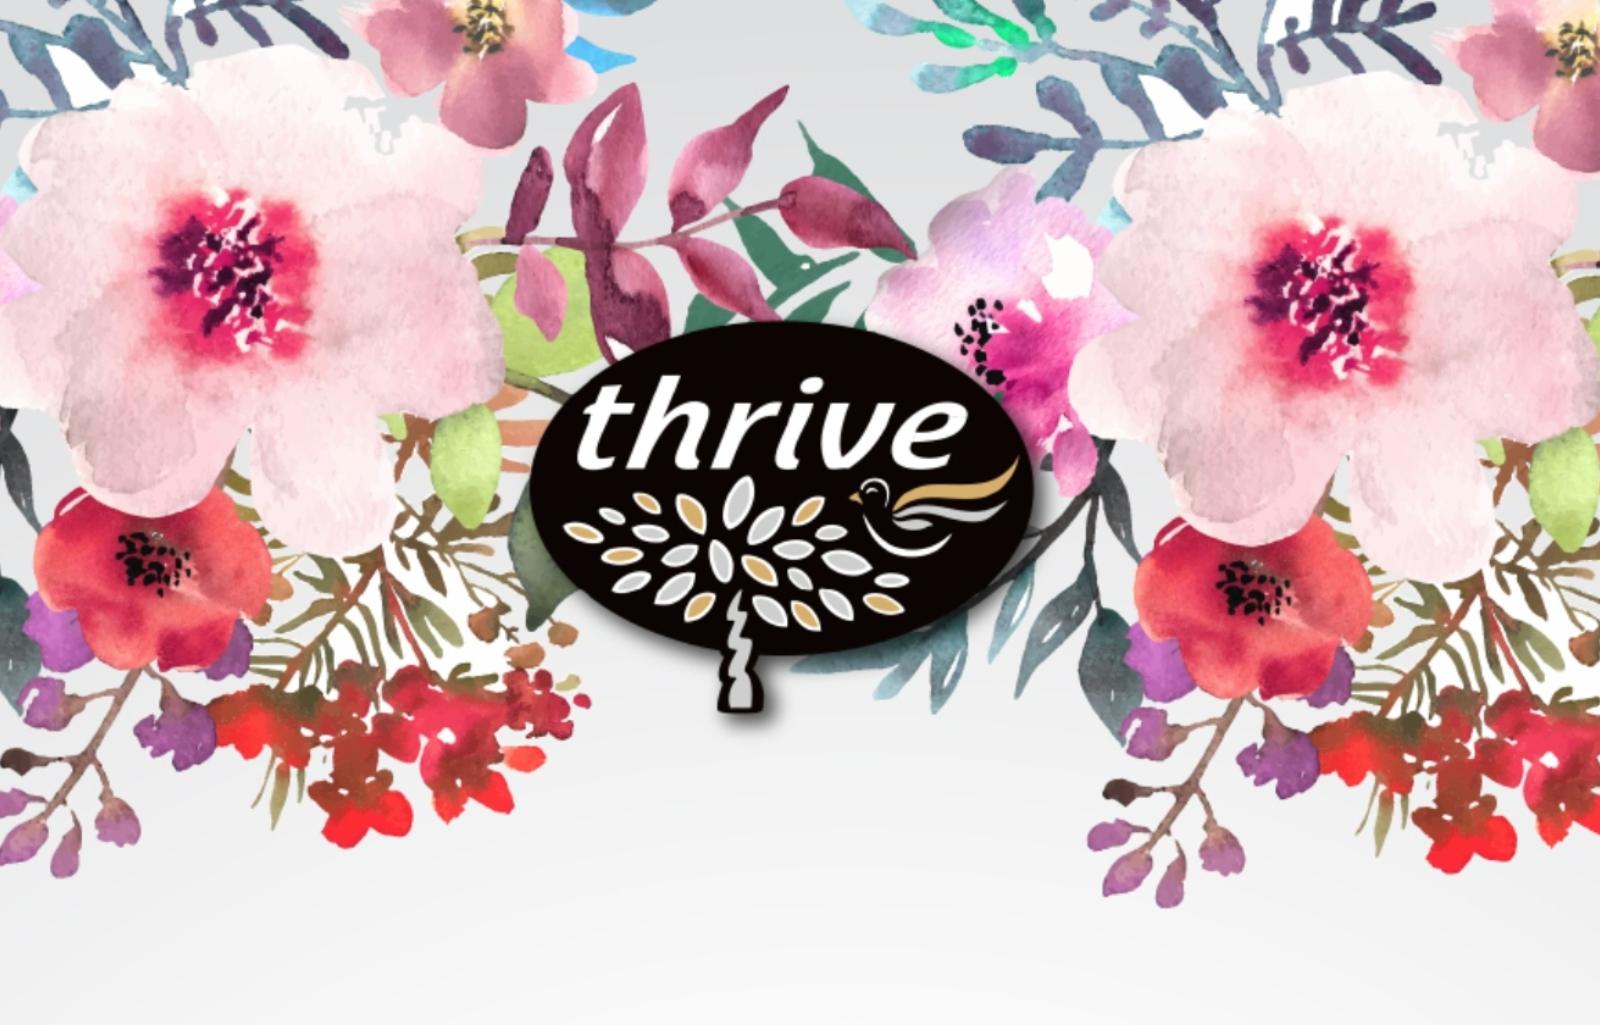 https://cdn2.hubspot.net/hubfs/2470171/blog/Thrive%20open.jpg Feature Image